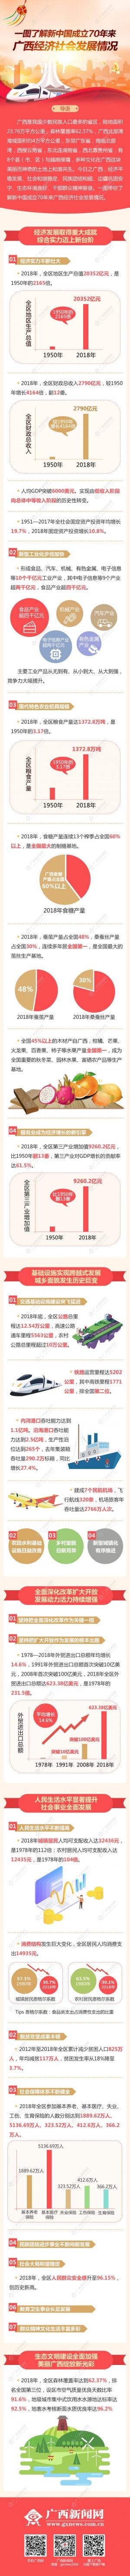 【桂刊】一圖了解新中國成立70年來 廣西經濟社會發展情況